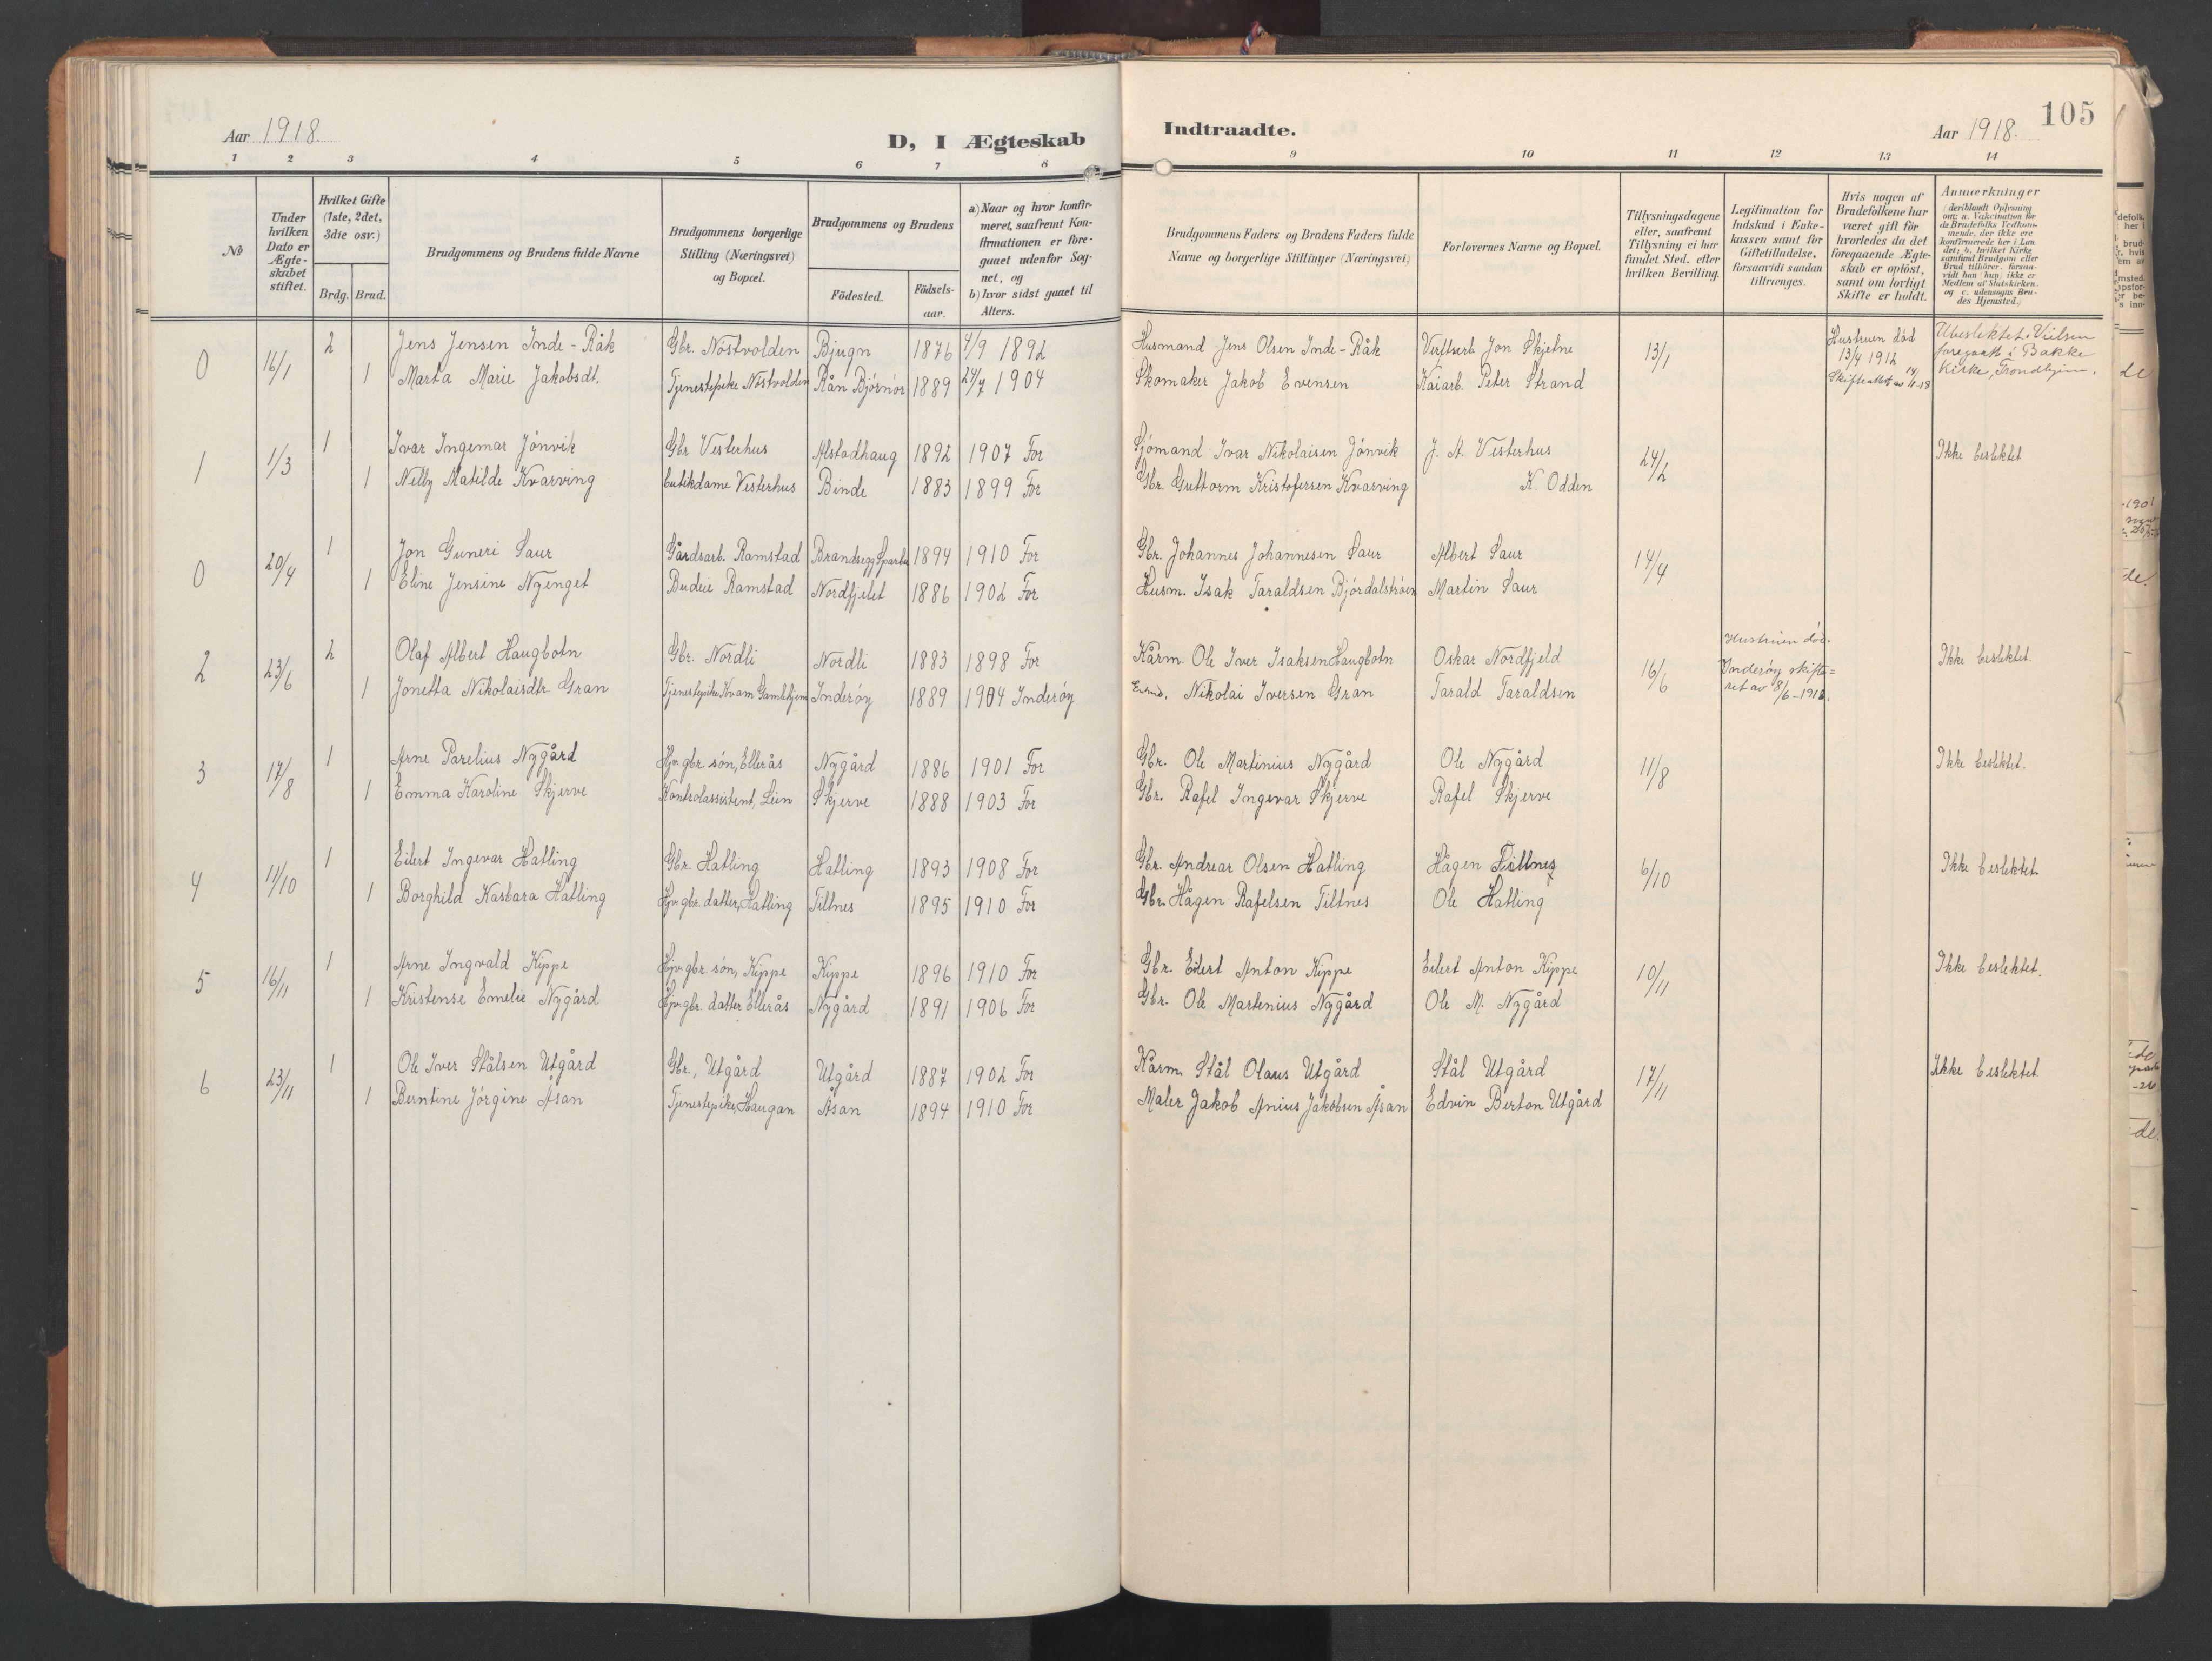 SAT, Ministerialprotokoller, klokkerbøker og fødselsregistre - Nord-Trøndelag, 746/L0455: Klokkerbok nr. 746C01, 1908-1933, s. 105